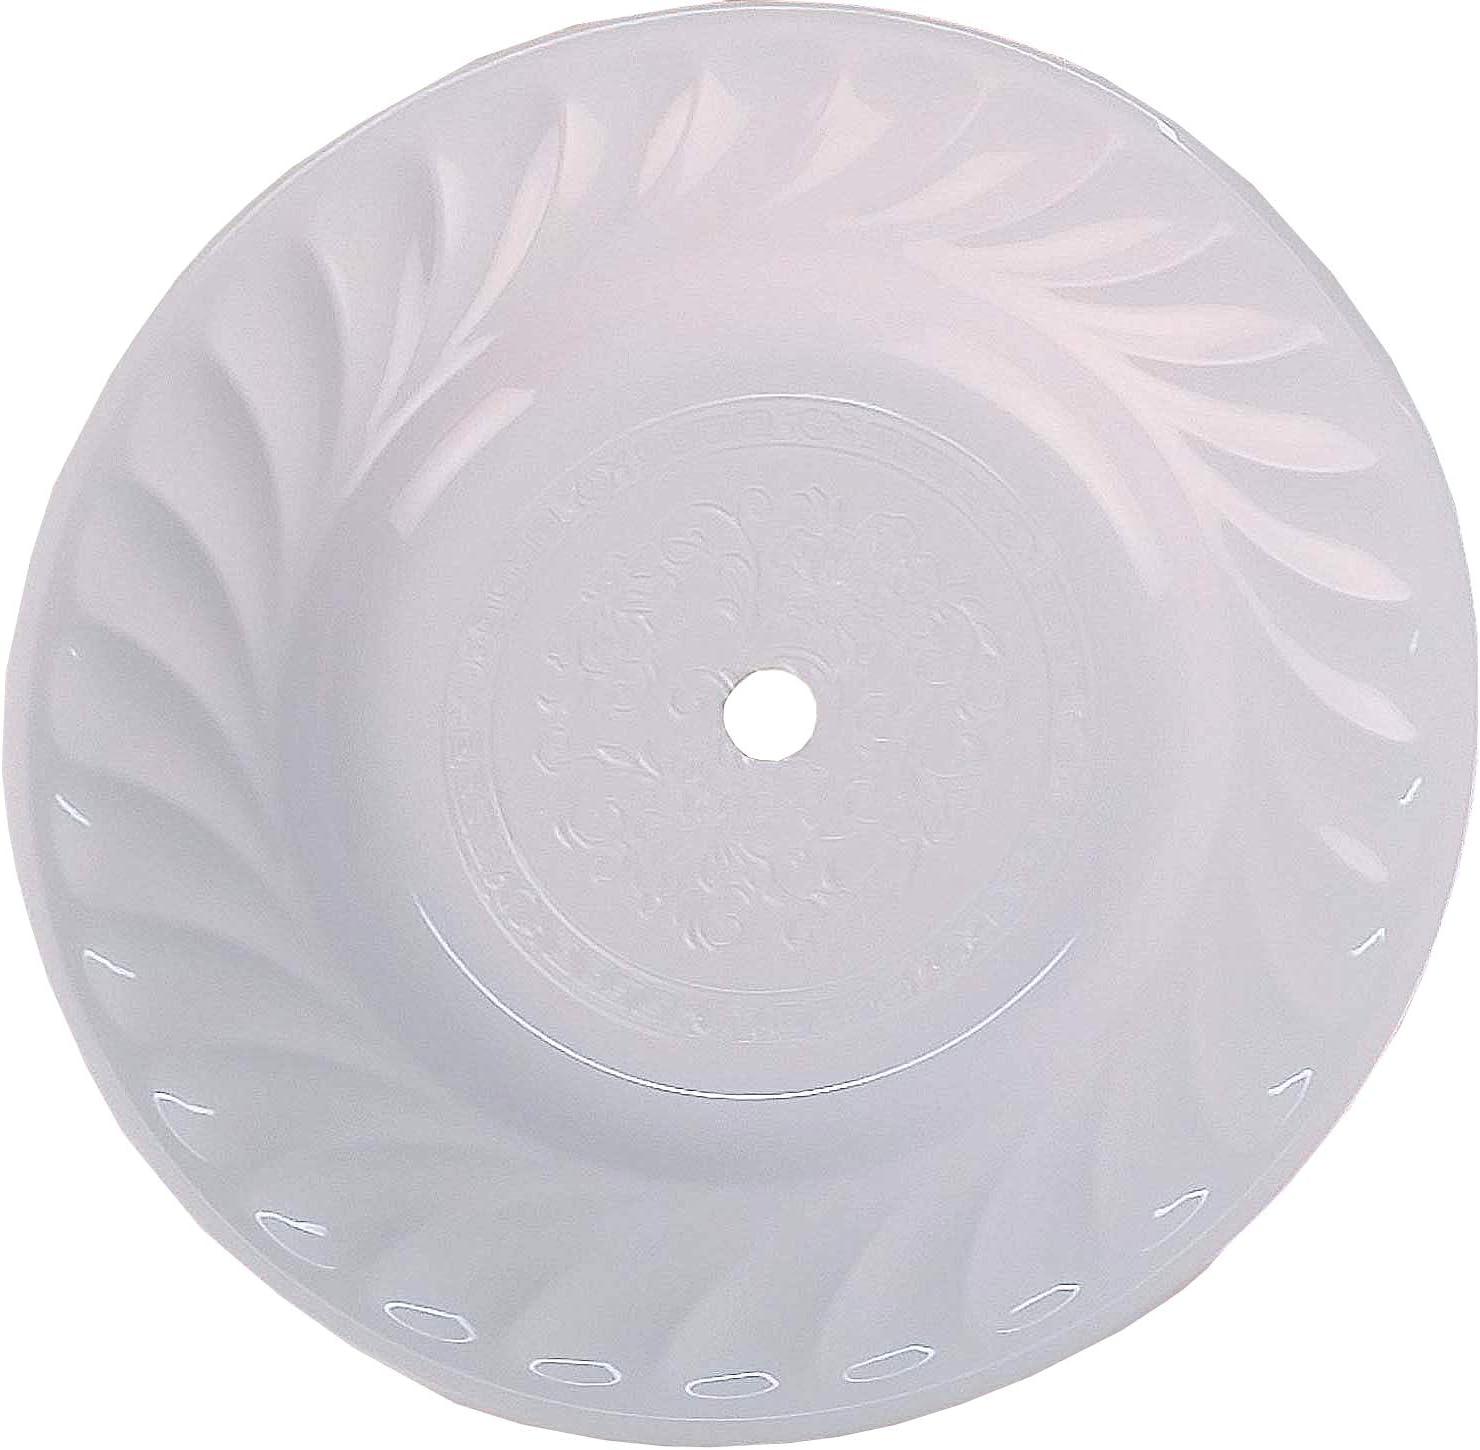 Caesar Plato de carbón XXL para cachimba (39 cm), color blanco